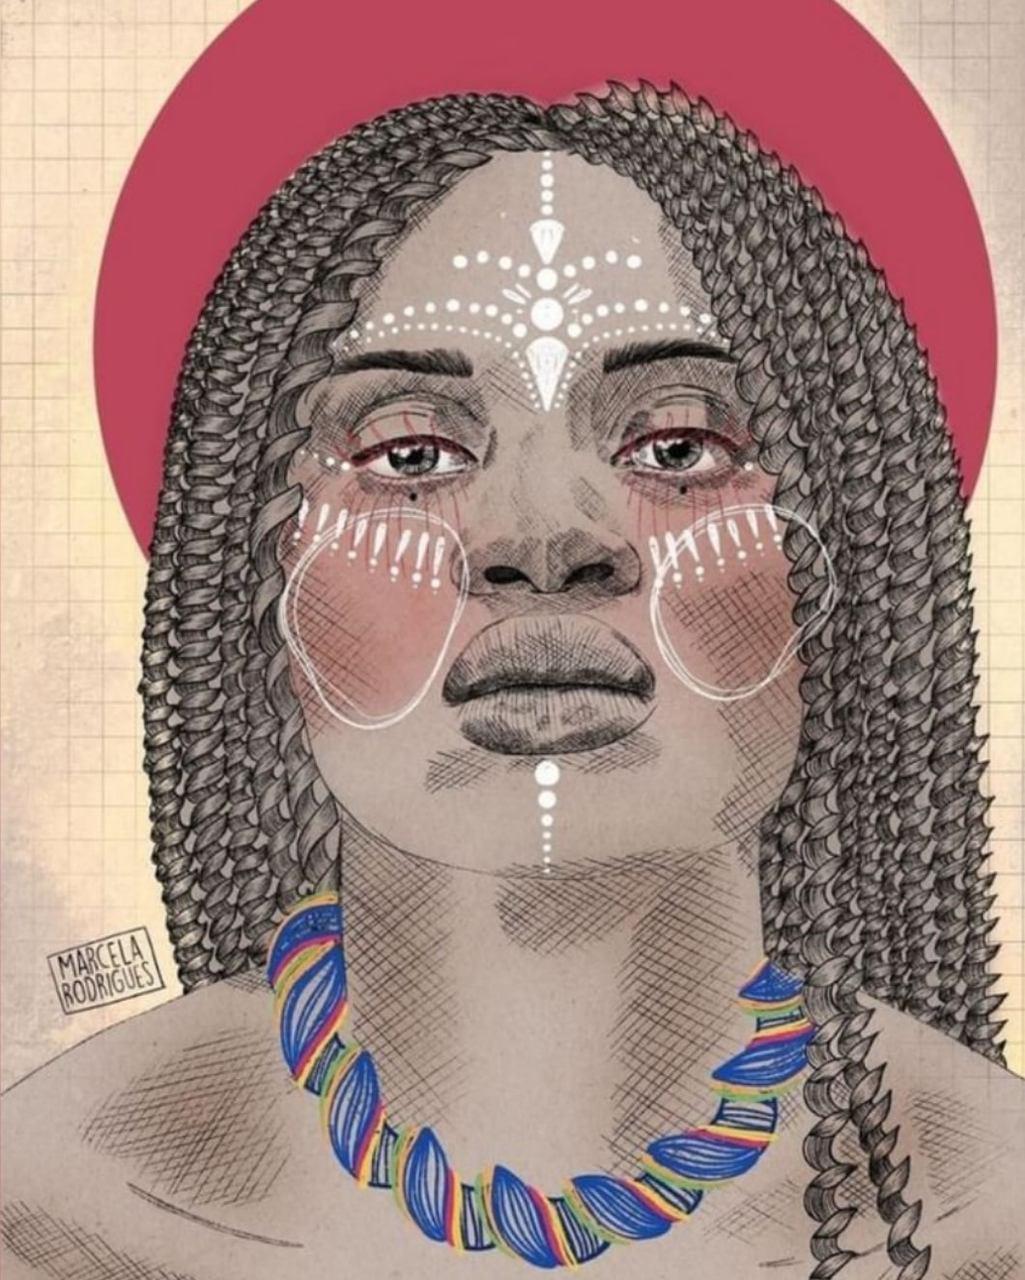 Criação da artista digital Marcela Rodrigues